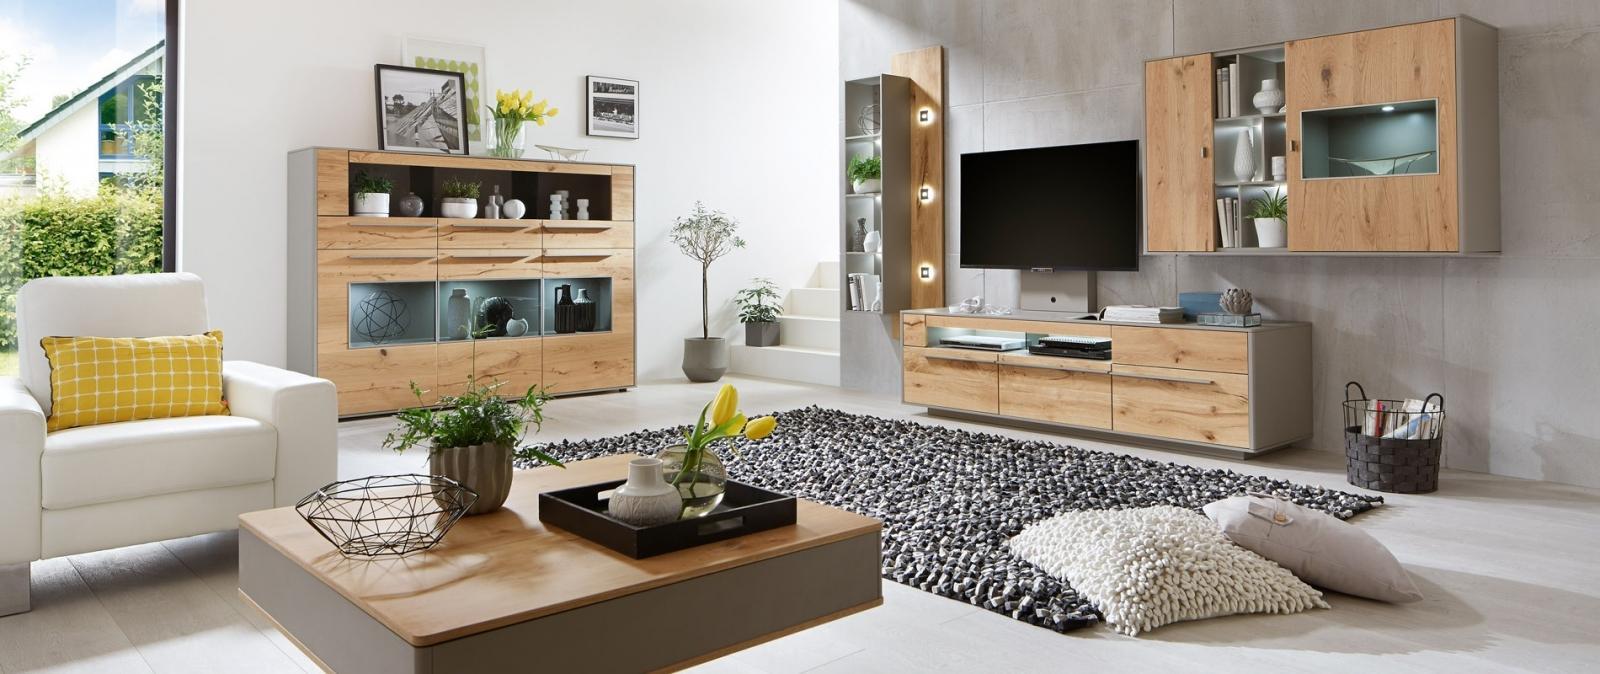 Wohnzimmereinrichtung Ideen - BBM Einrichtungshaus